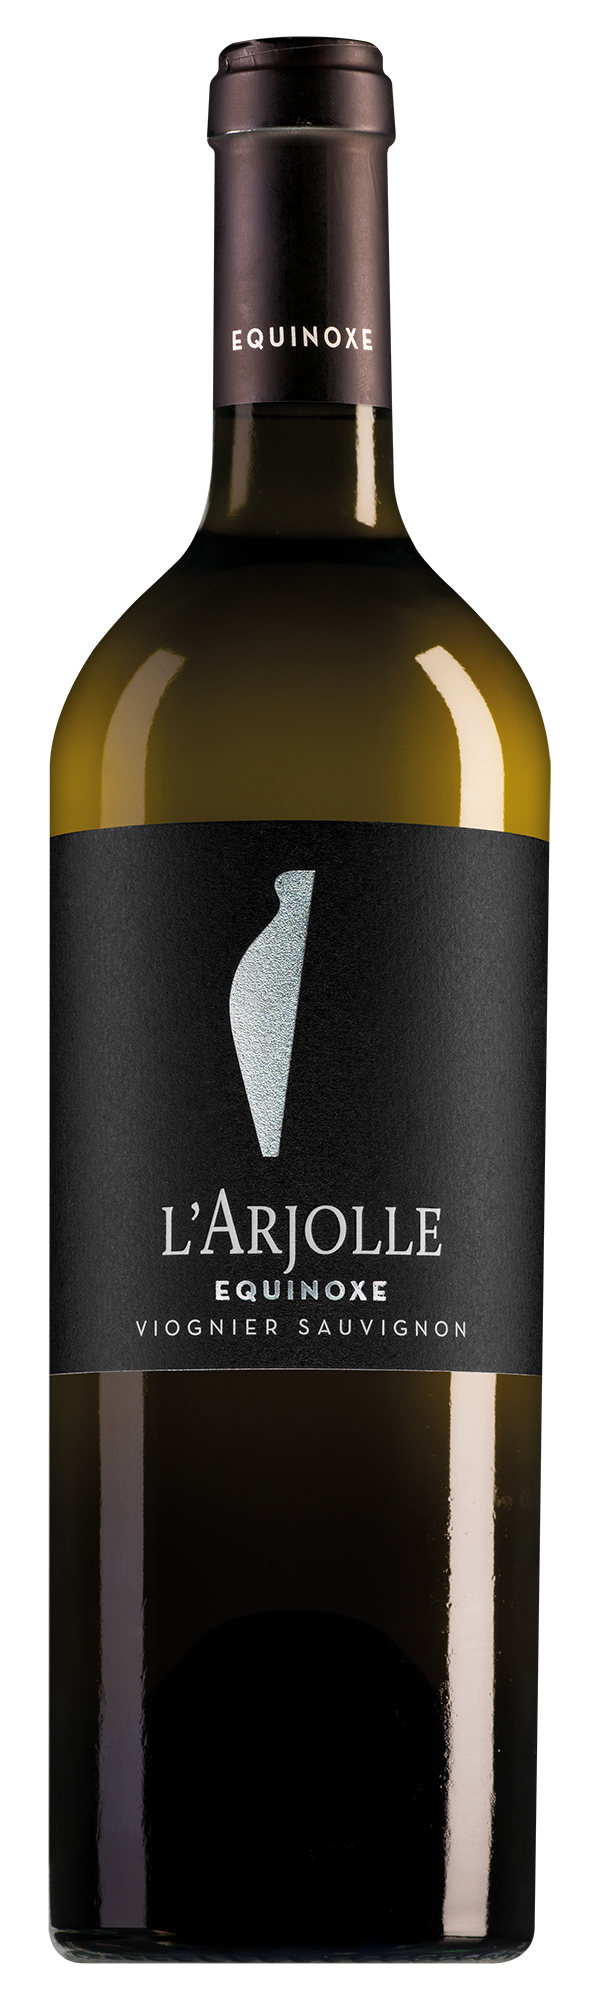 Domaine de l'Arjolle Côtes de Thongue Equinoxe Viognier Sauvignon